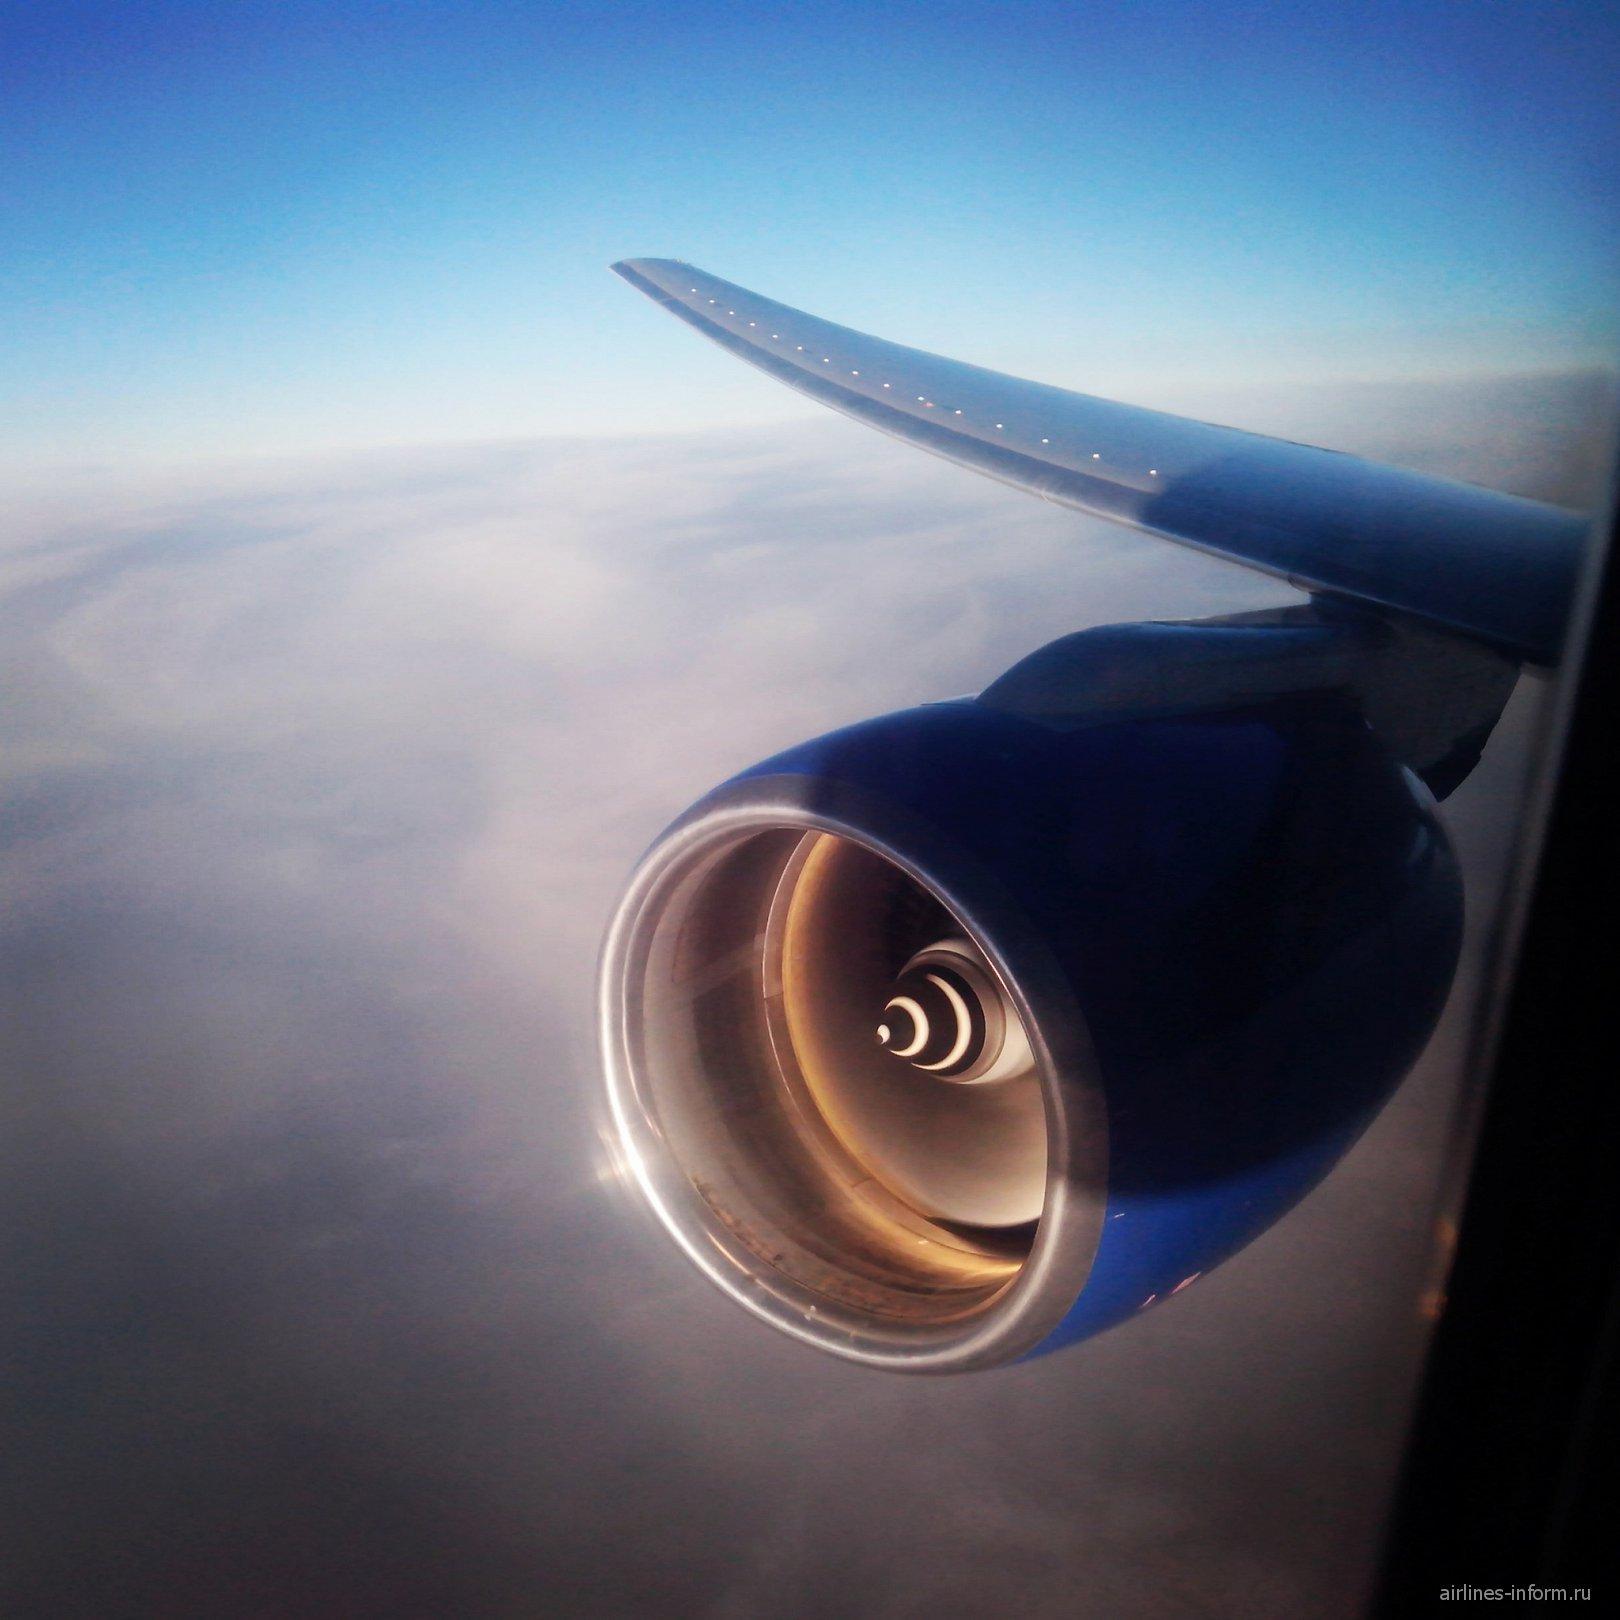 Предпоследний полёт с Трансаэро. Москва (DME) - Владивосток (VVO) на Boeing 777-300 EI-UNP